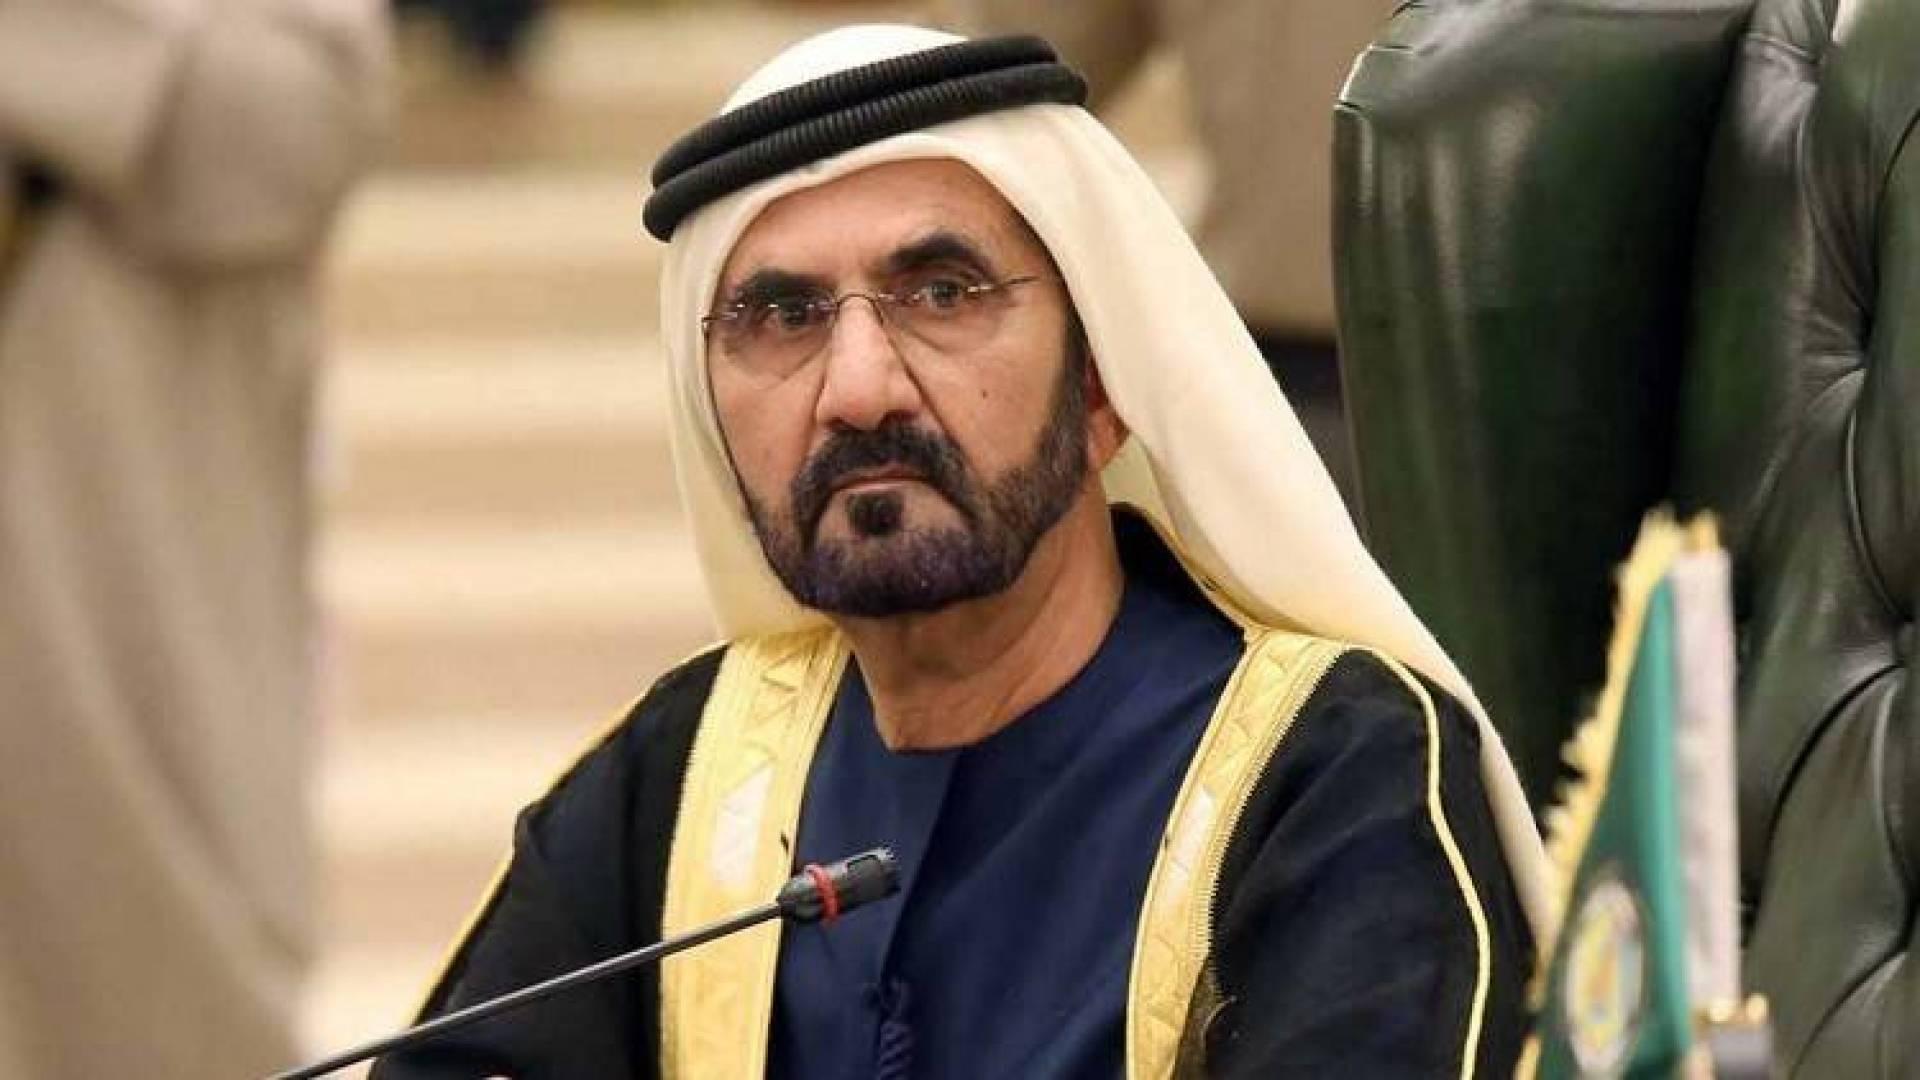 صورة نادرة وقديمة لحاكم دبي وزوجته - شاهدوا أناقتهما   Laha Magazine